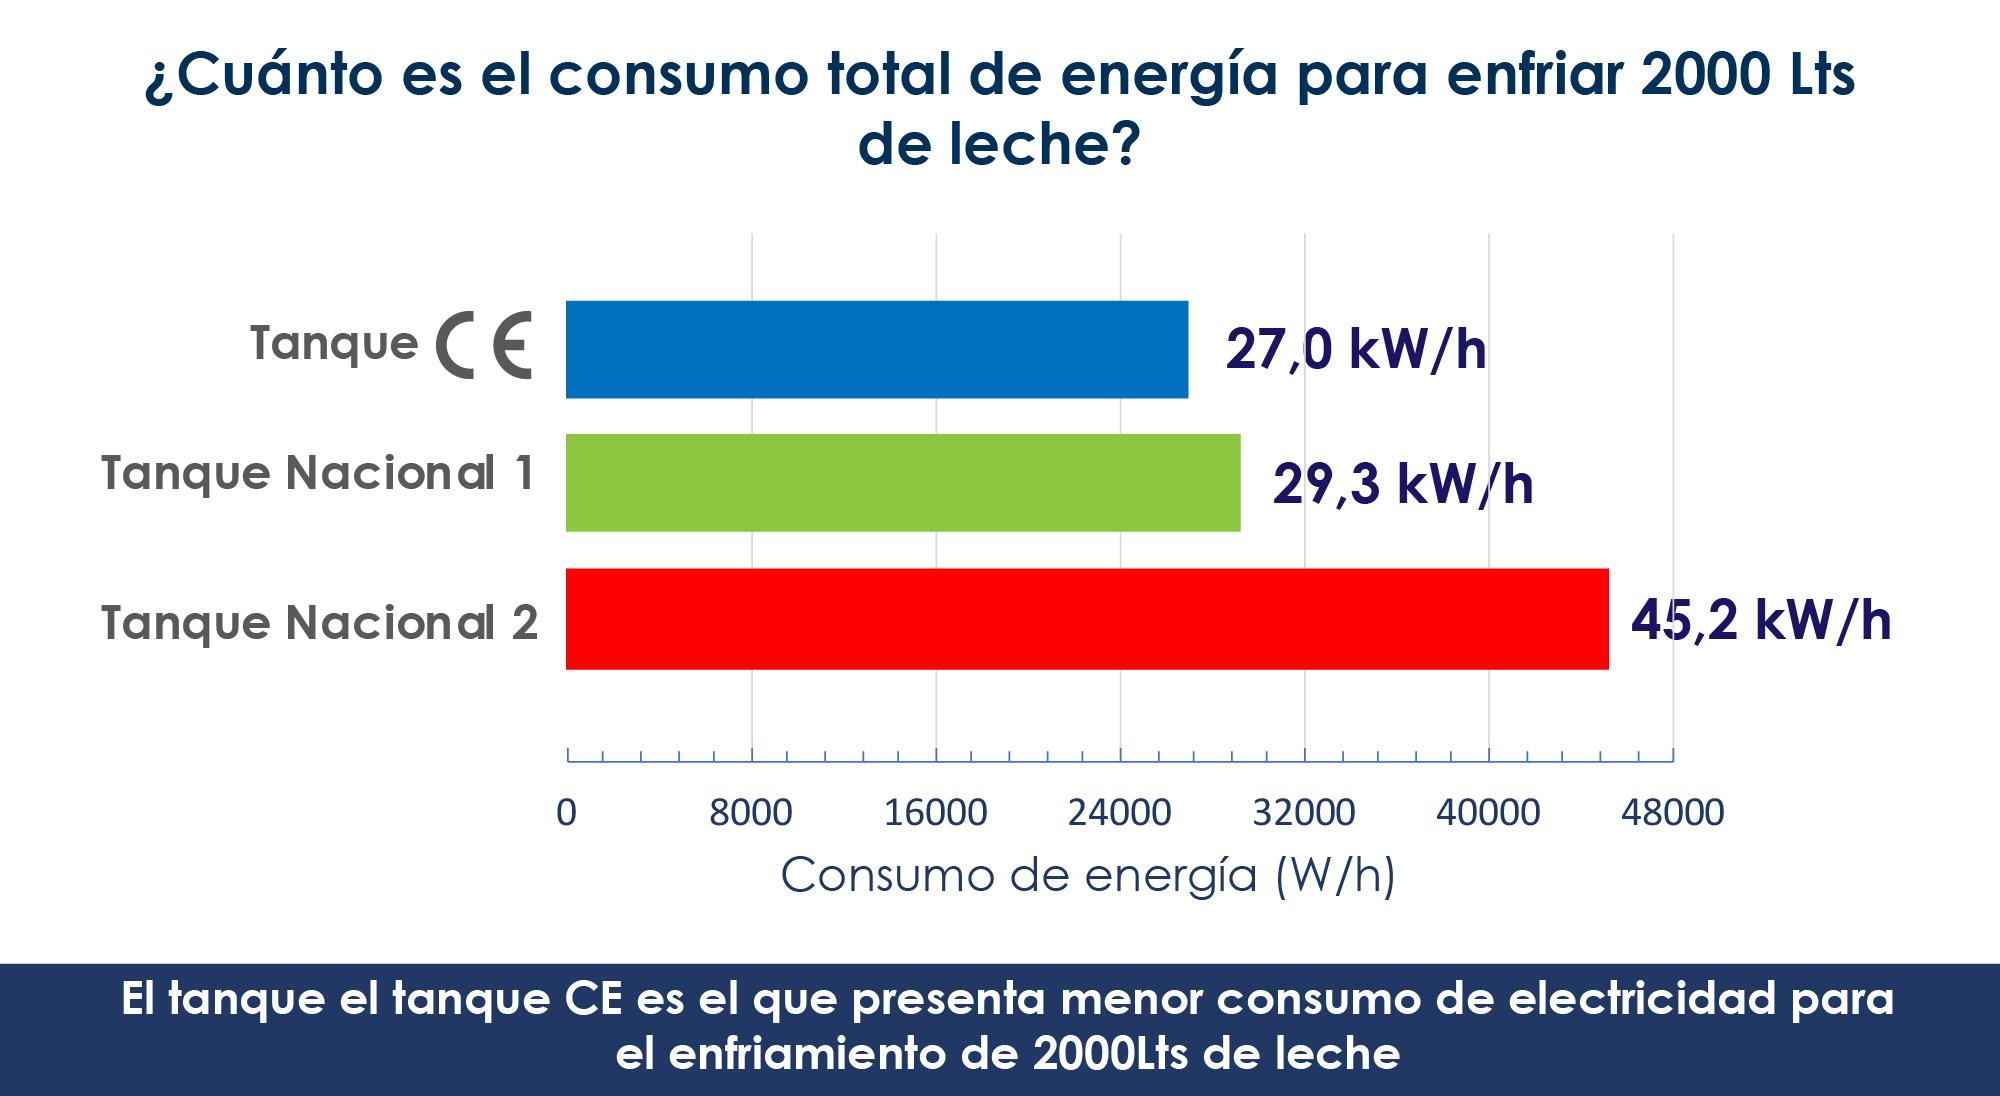 Ahorro máximo de energía con los tanques europeos